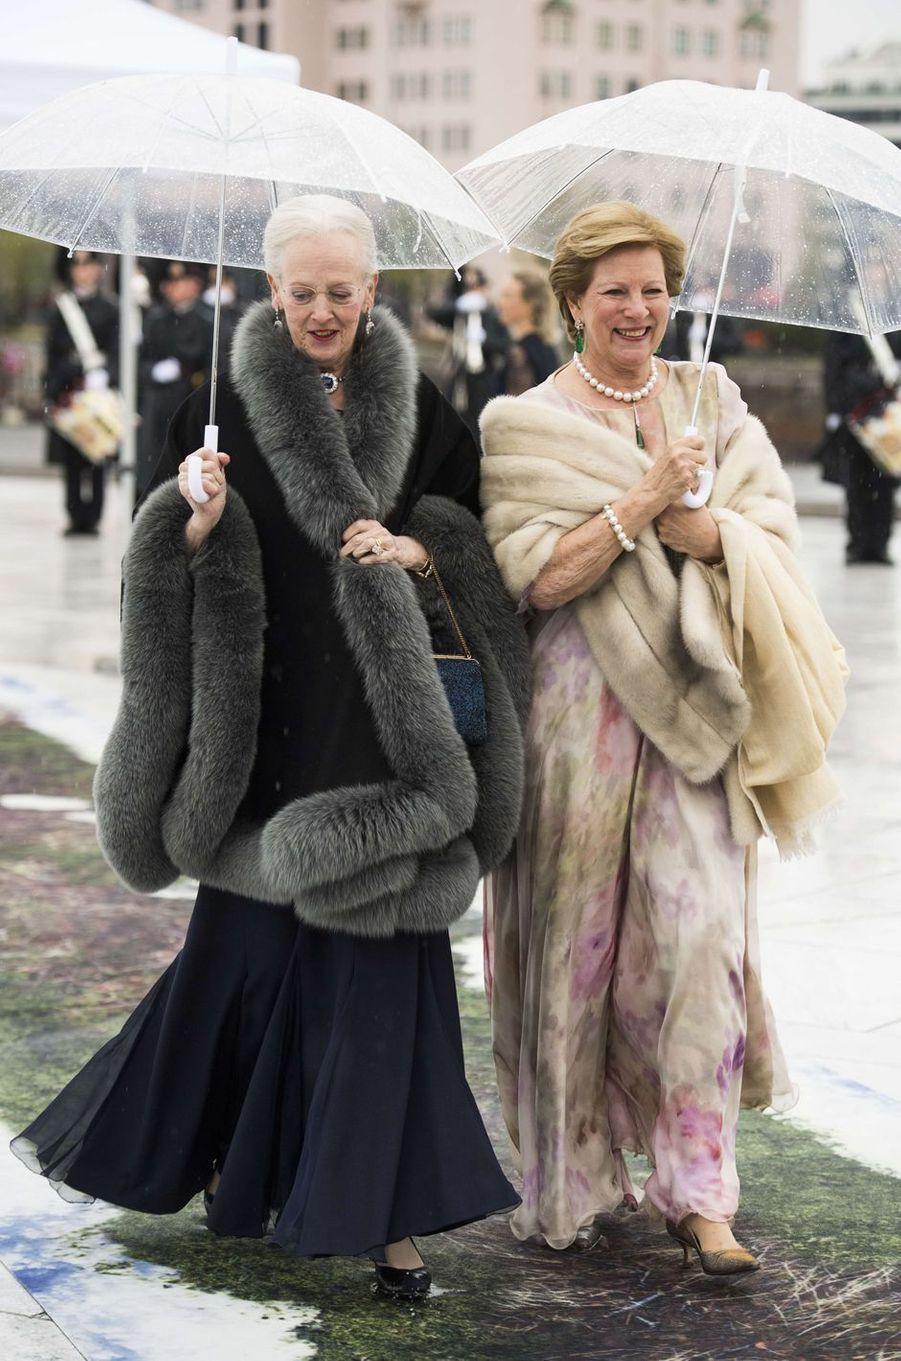 La reine Margrethe II de Danemark et sa soeur l'ancienne reine Anne-Marie de Grèce à Oslo, le 10 mai 2017